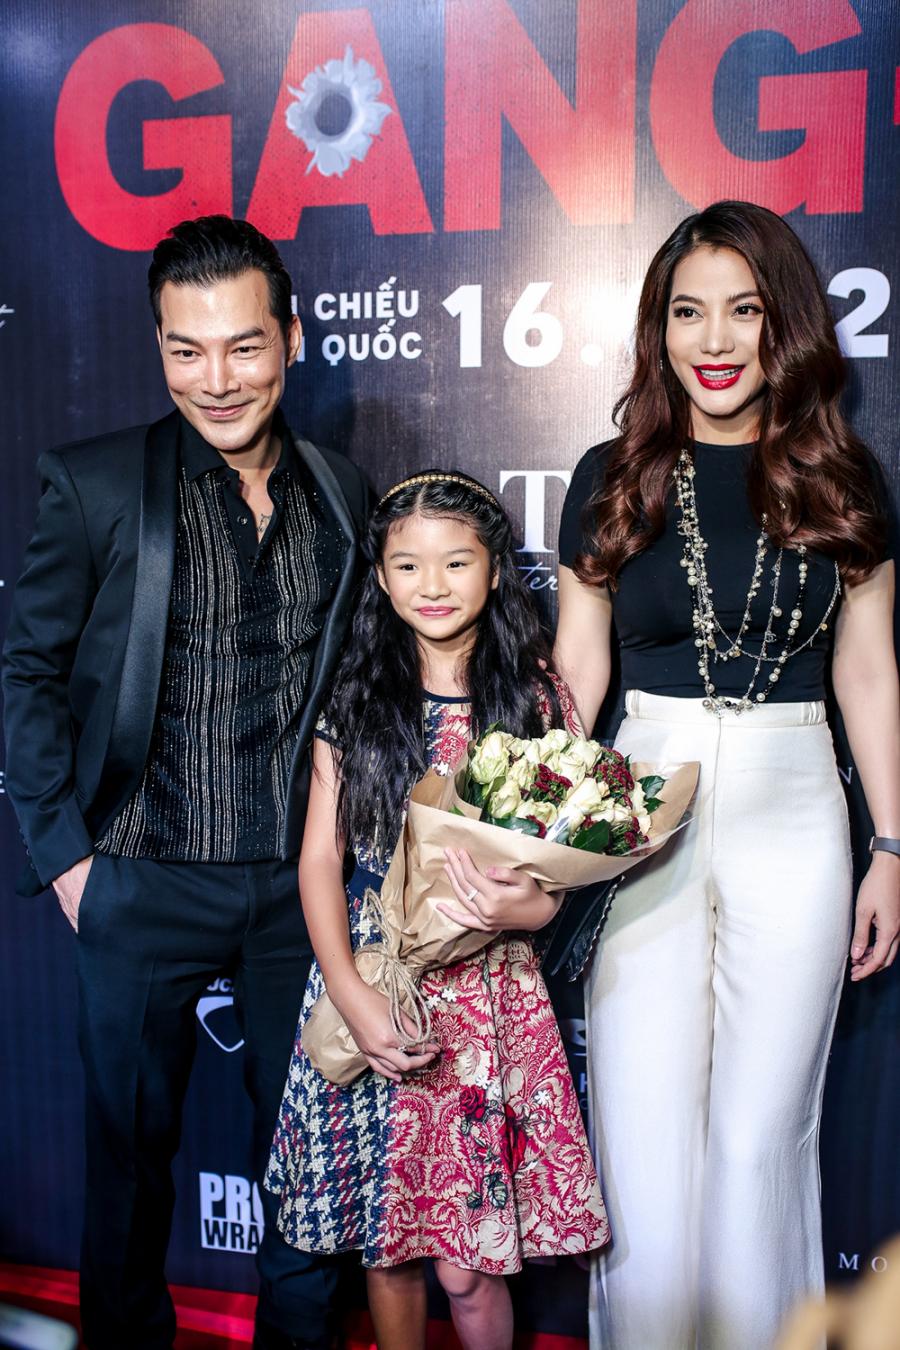 Trương Ngọc Ánh và Trần Bảo Sơn tái hợp sau 4 năm ly hôn